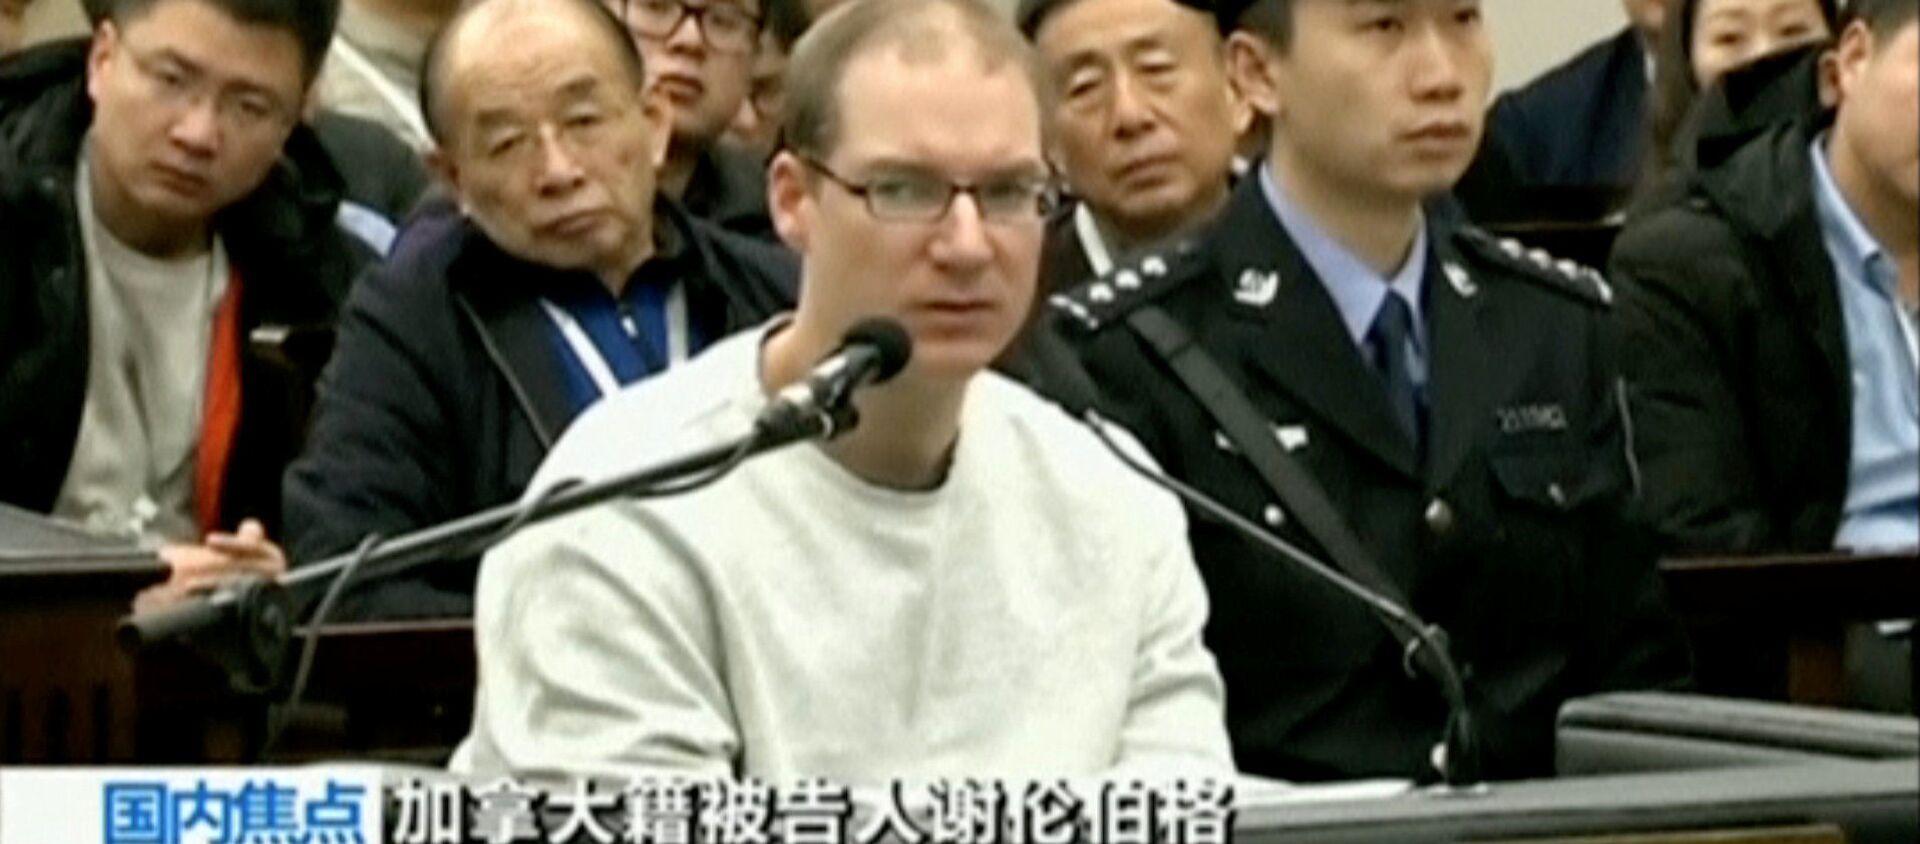 中国、カナダ人の死刑判決を維持 麻薬密輸罪で - Sputnik 日本, 1920, 10.08.2021